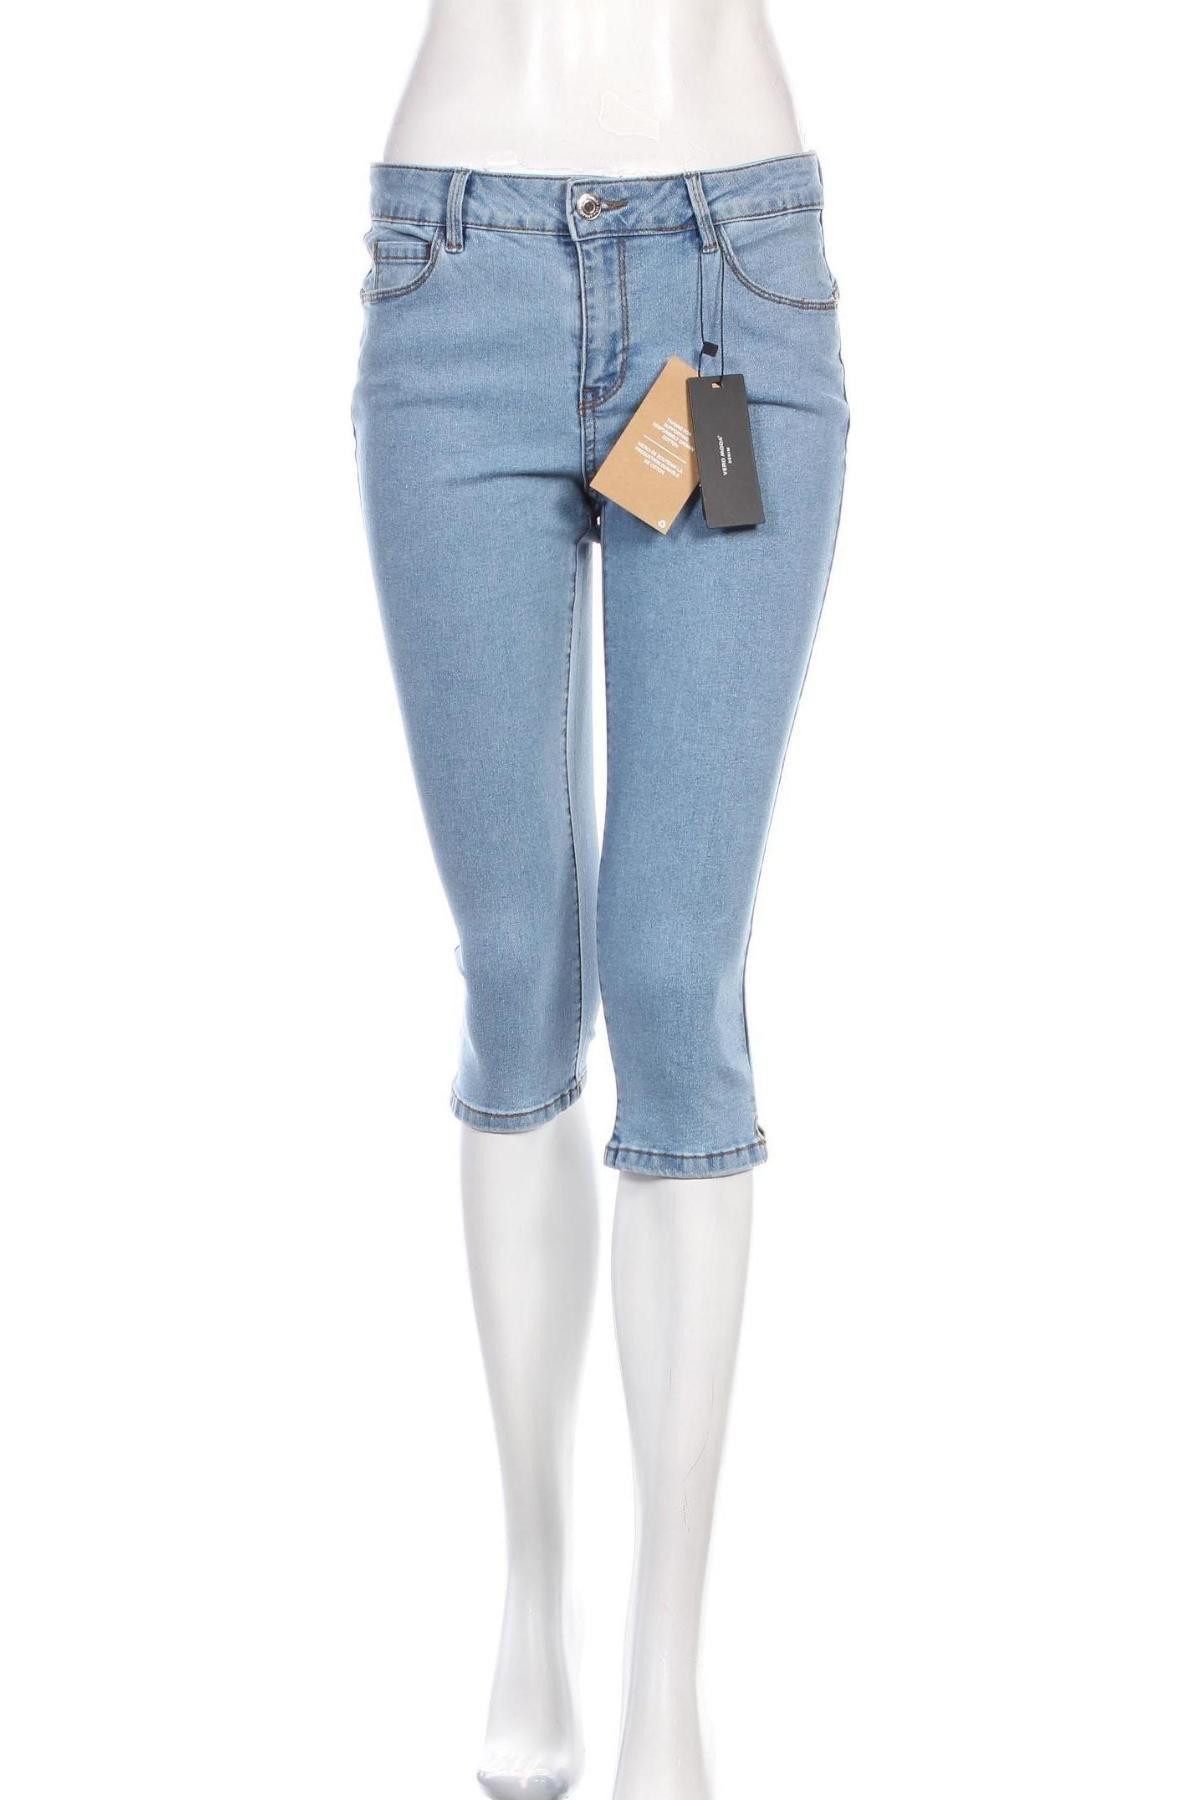 Дамски дънки Vero Moda, Размер M, Цвят Син, 72% памук, 26% полиестер, 2% еластан, Цена 18,88лв.